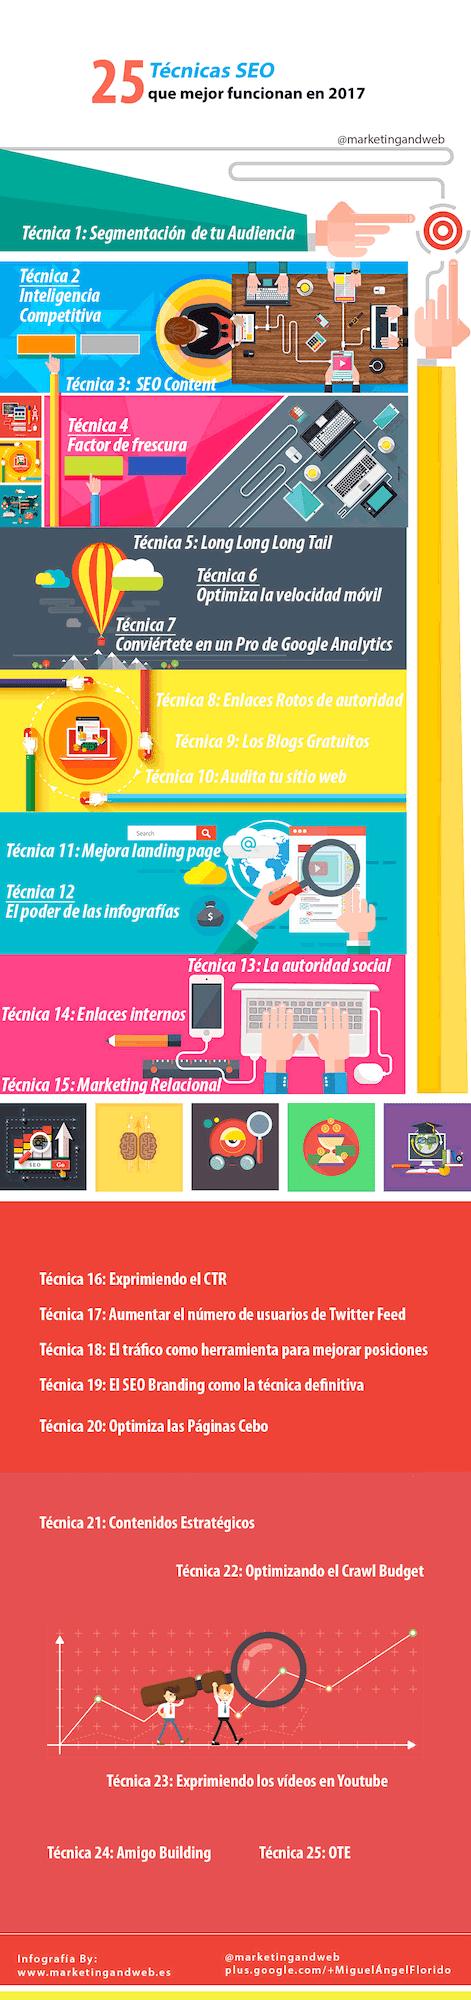 tecnicas-seo-2017-infografia